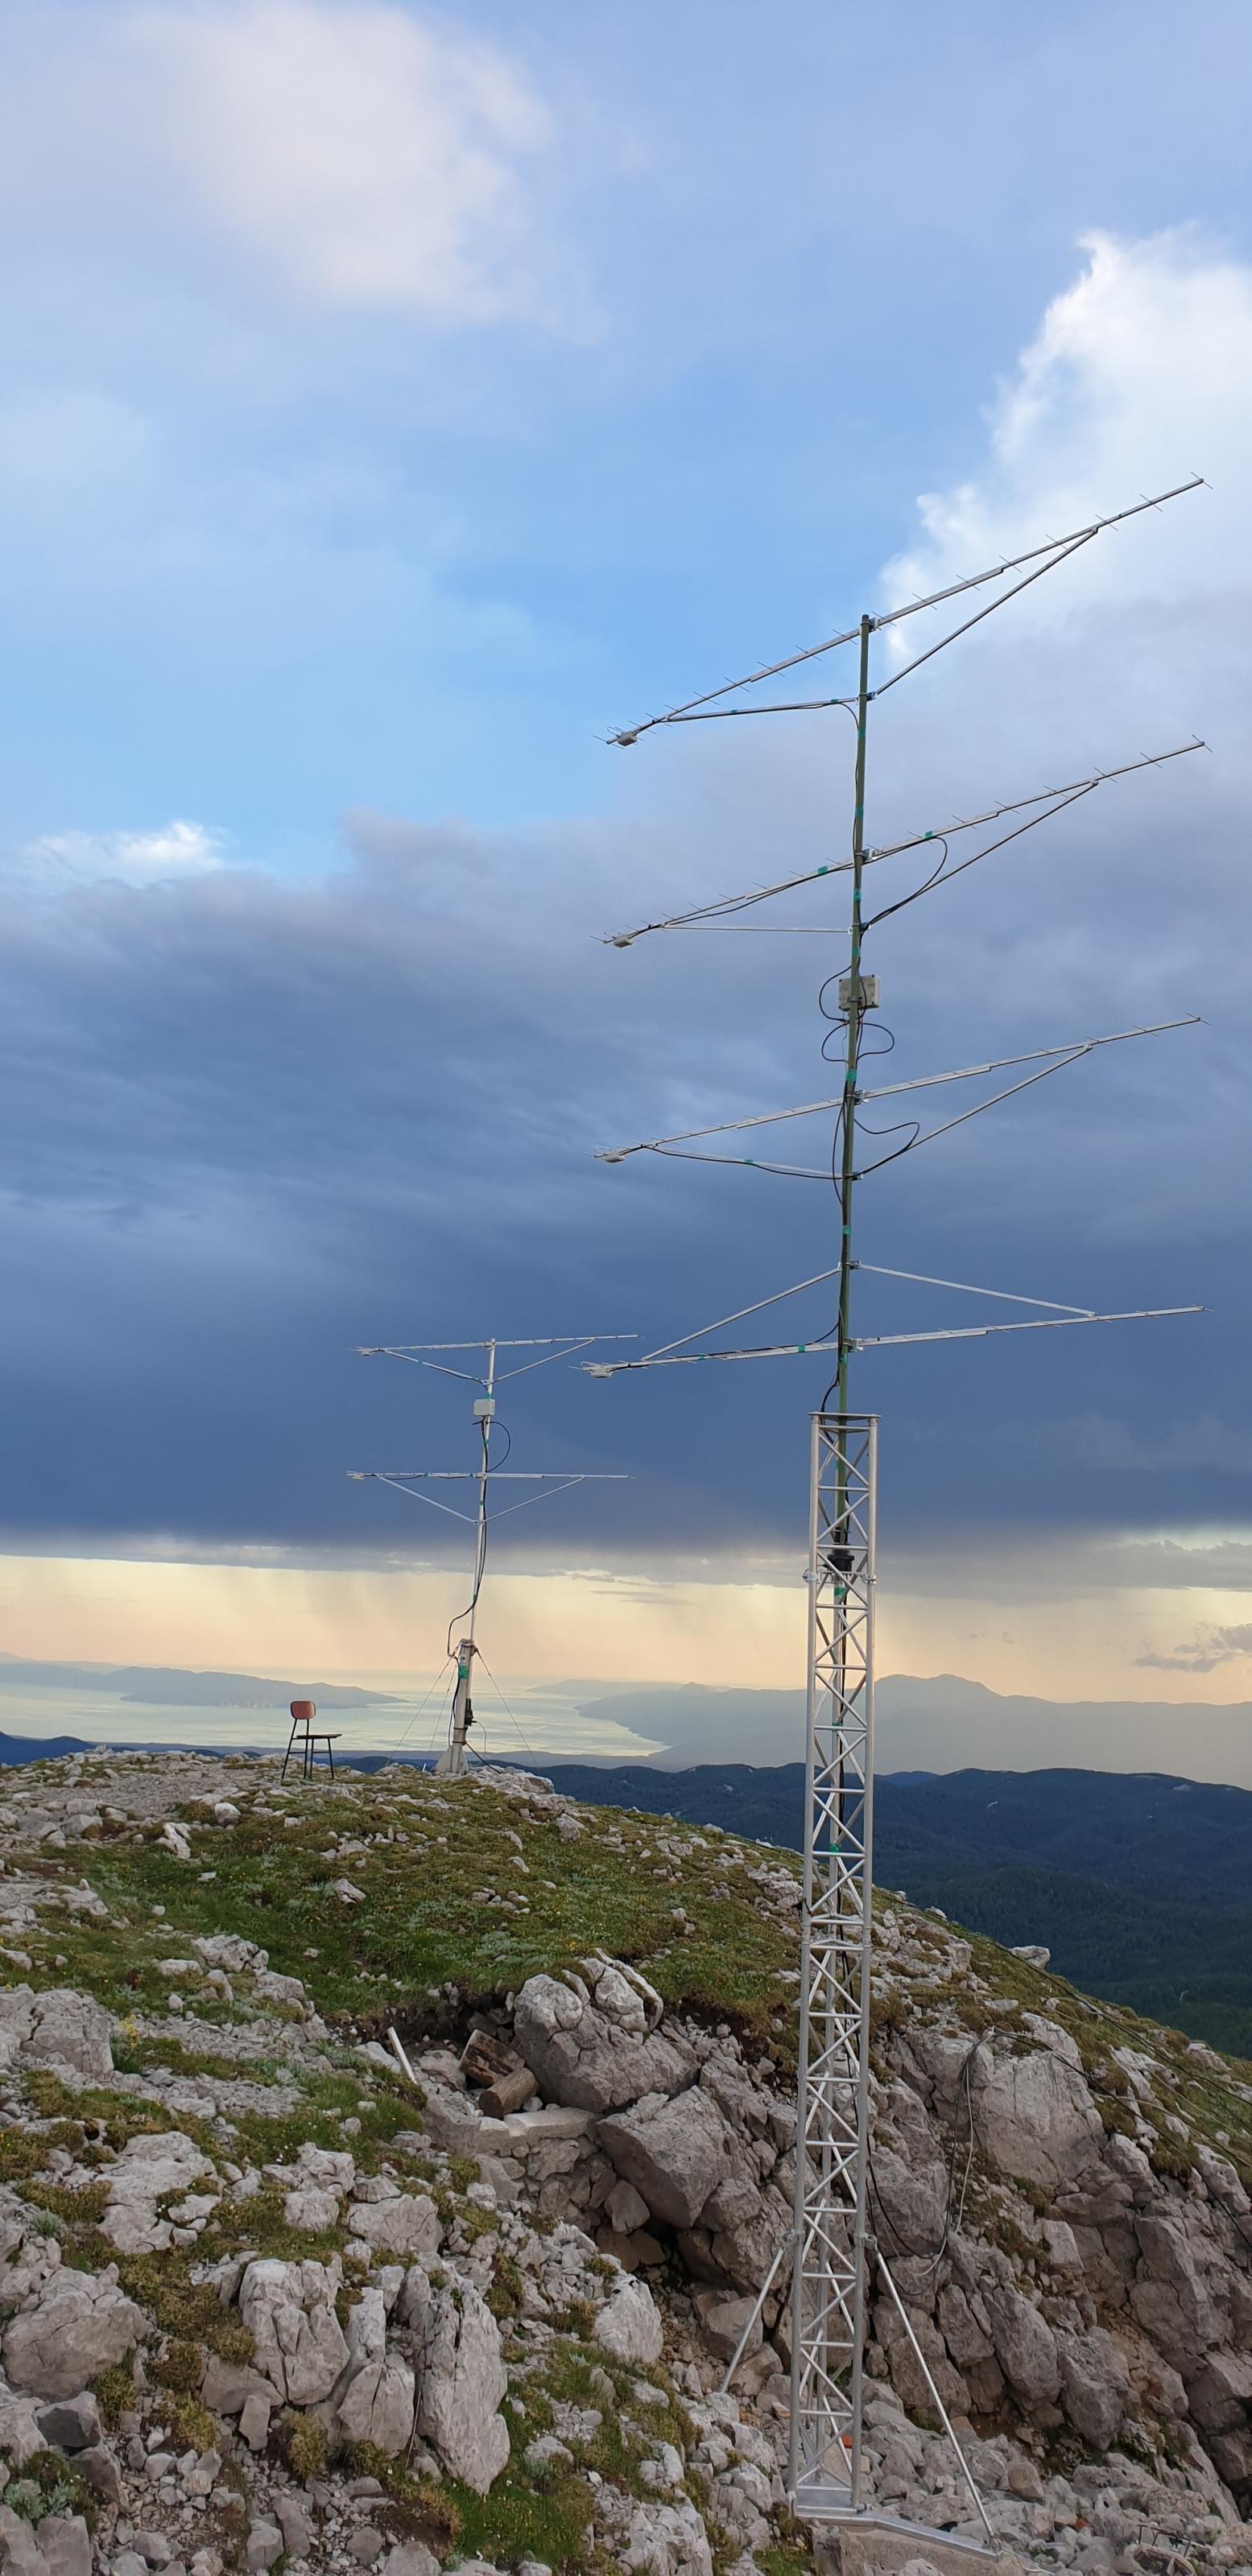 aluminij-AA-UHF.jpg